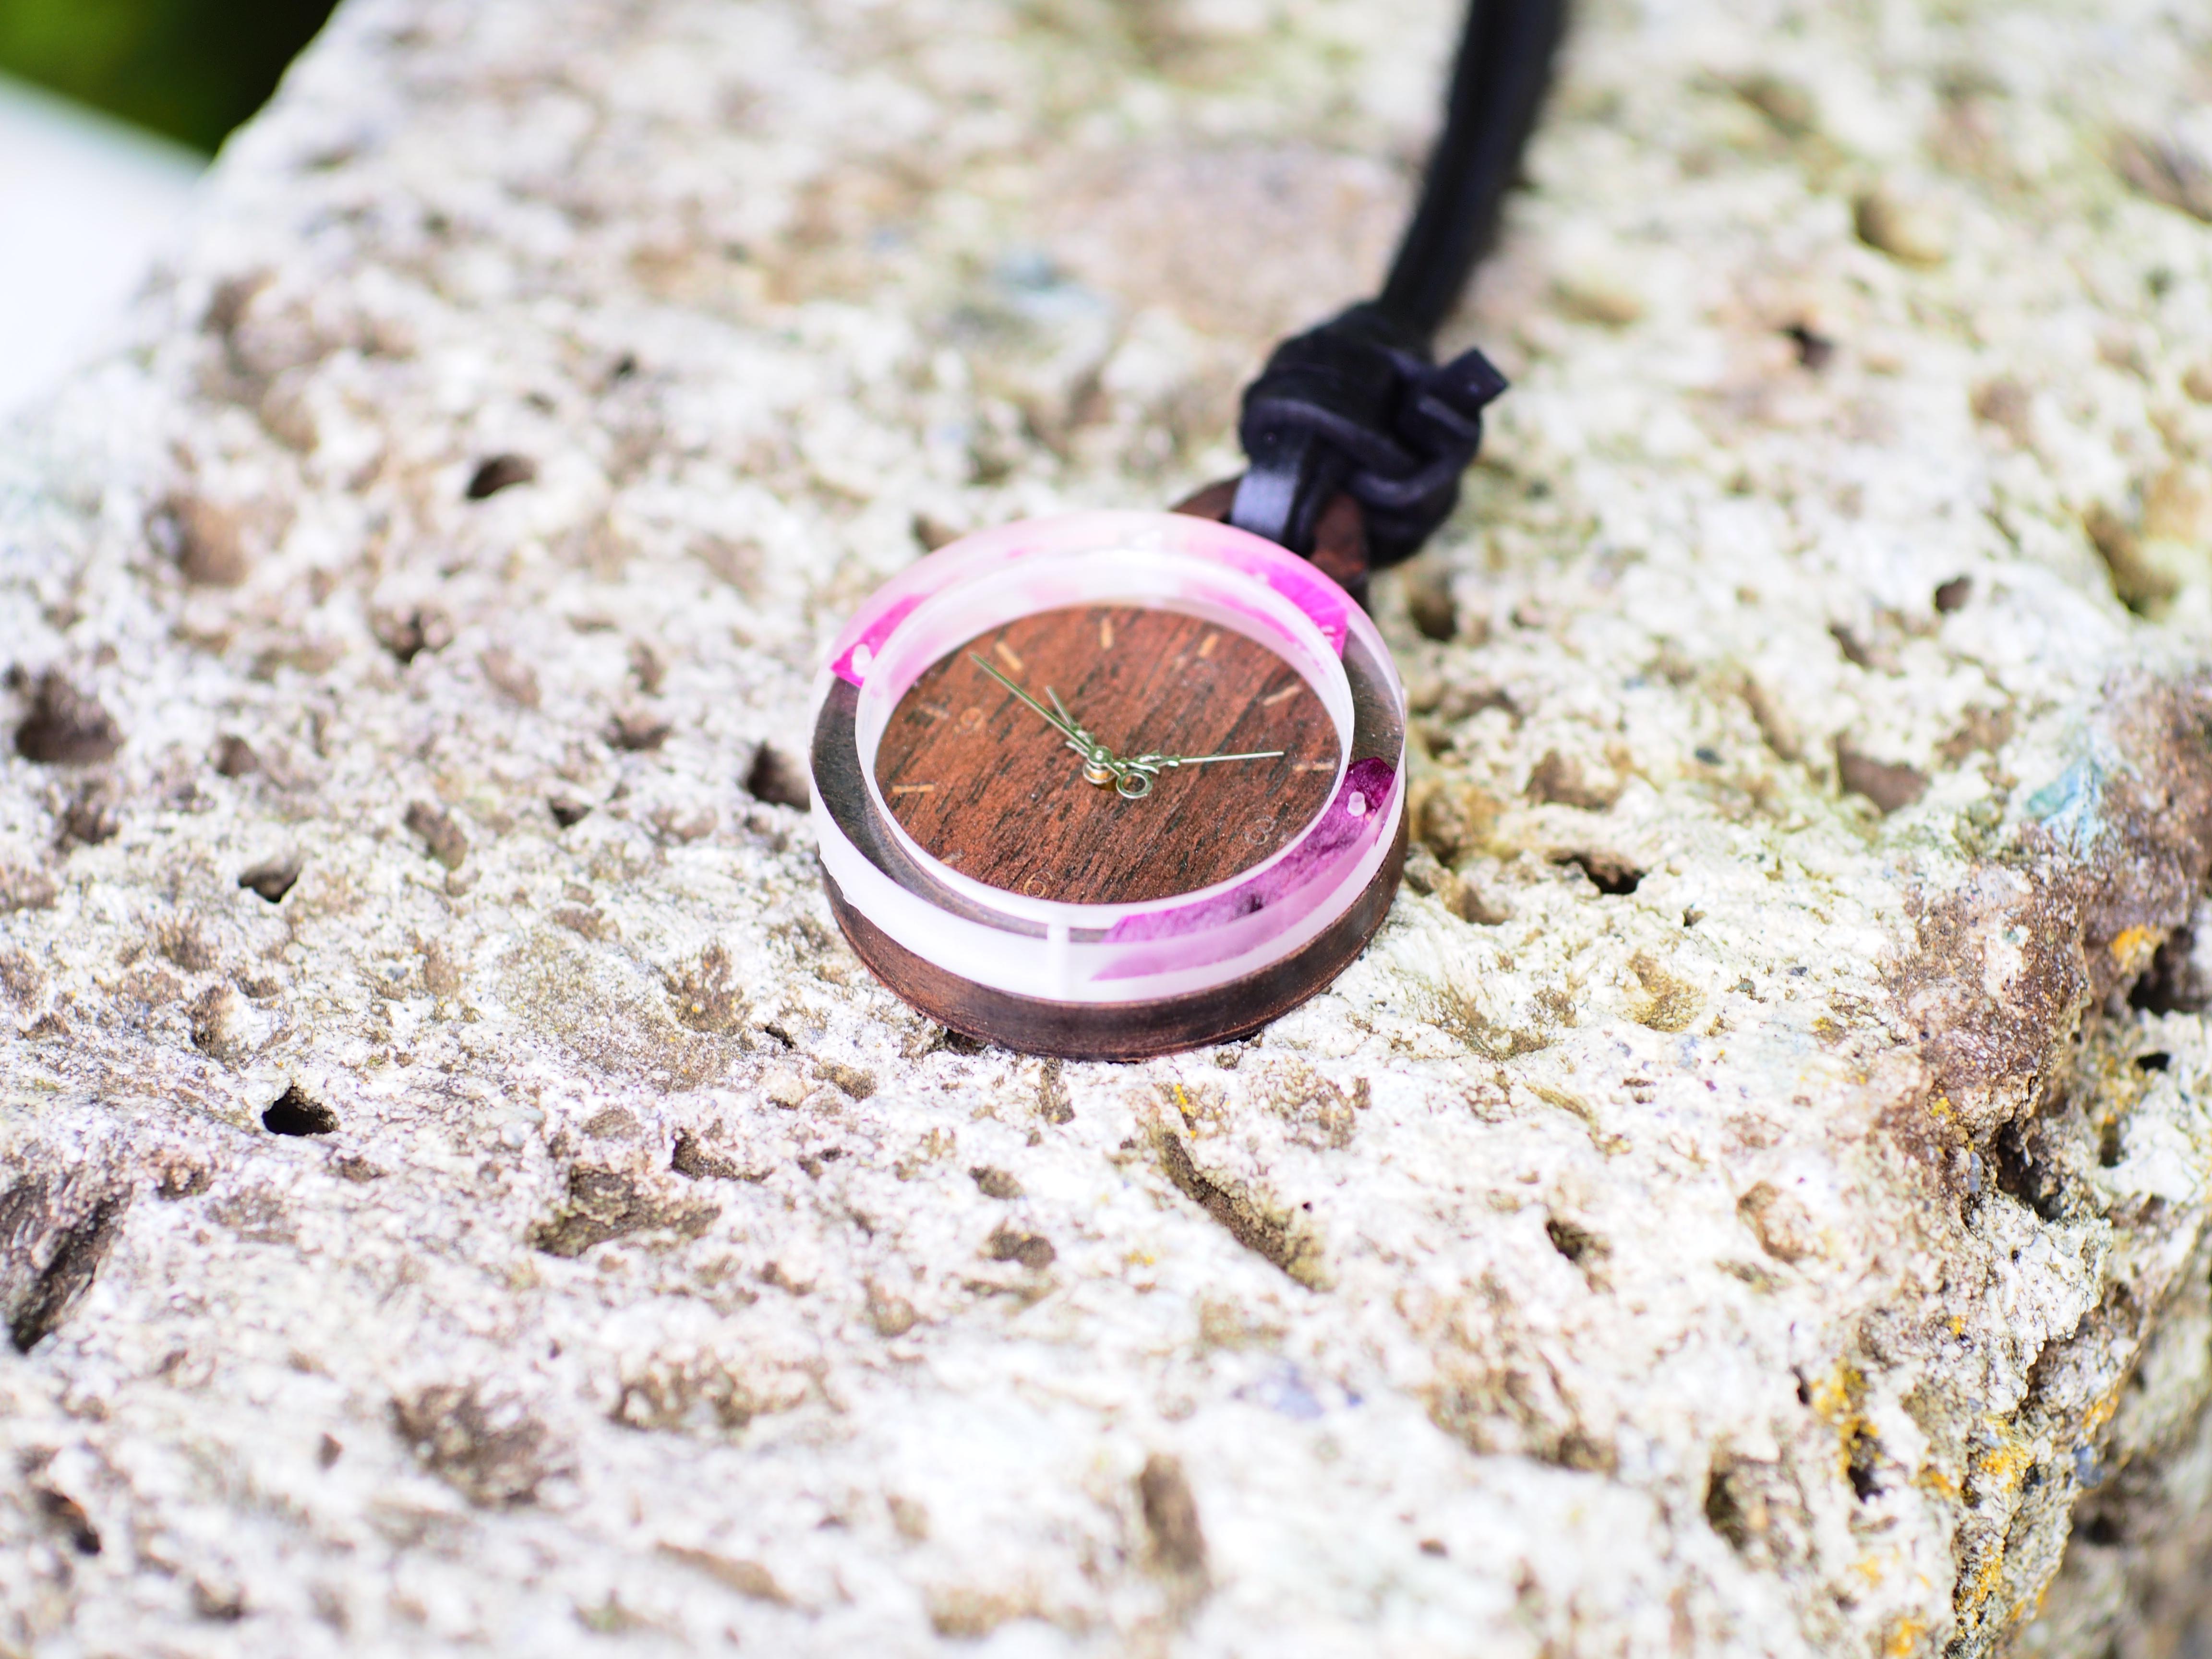 【新作】押し花懐中時計を作ってみました!!